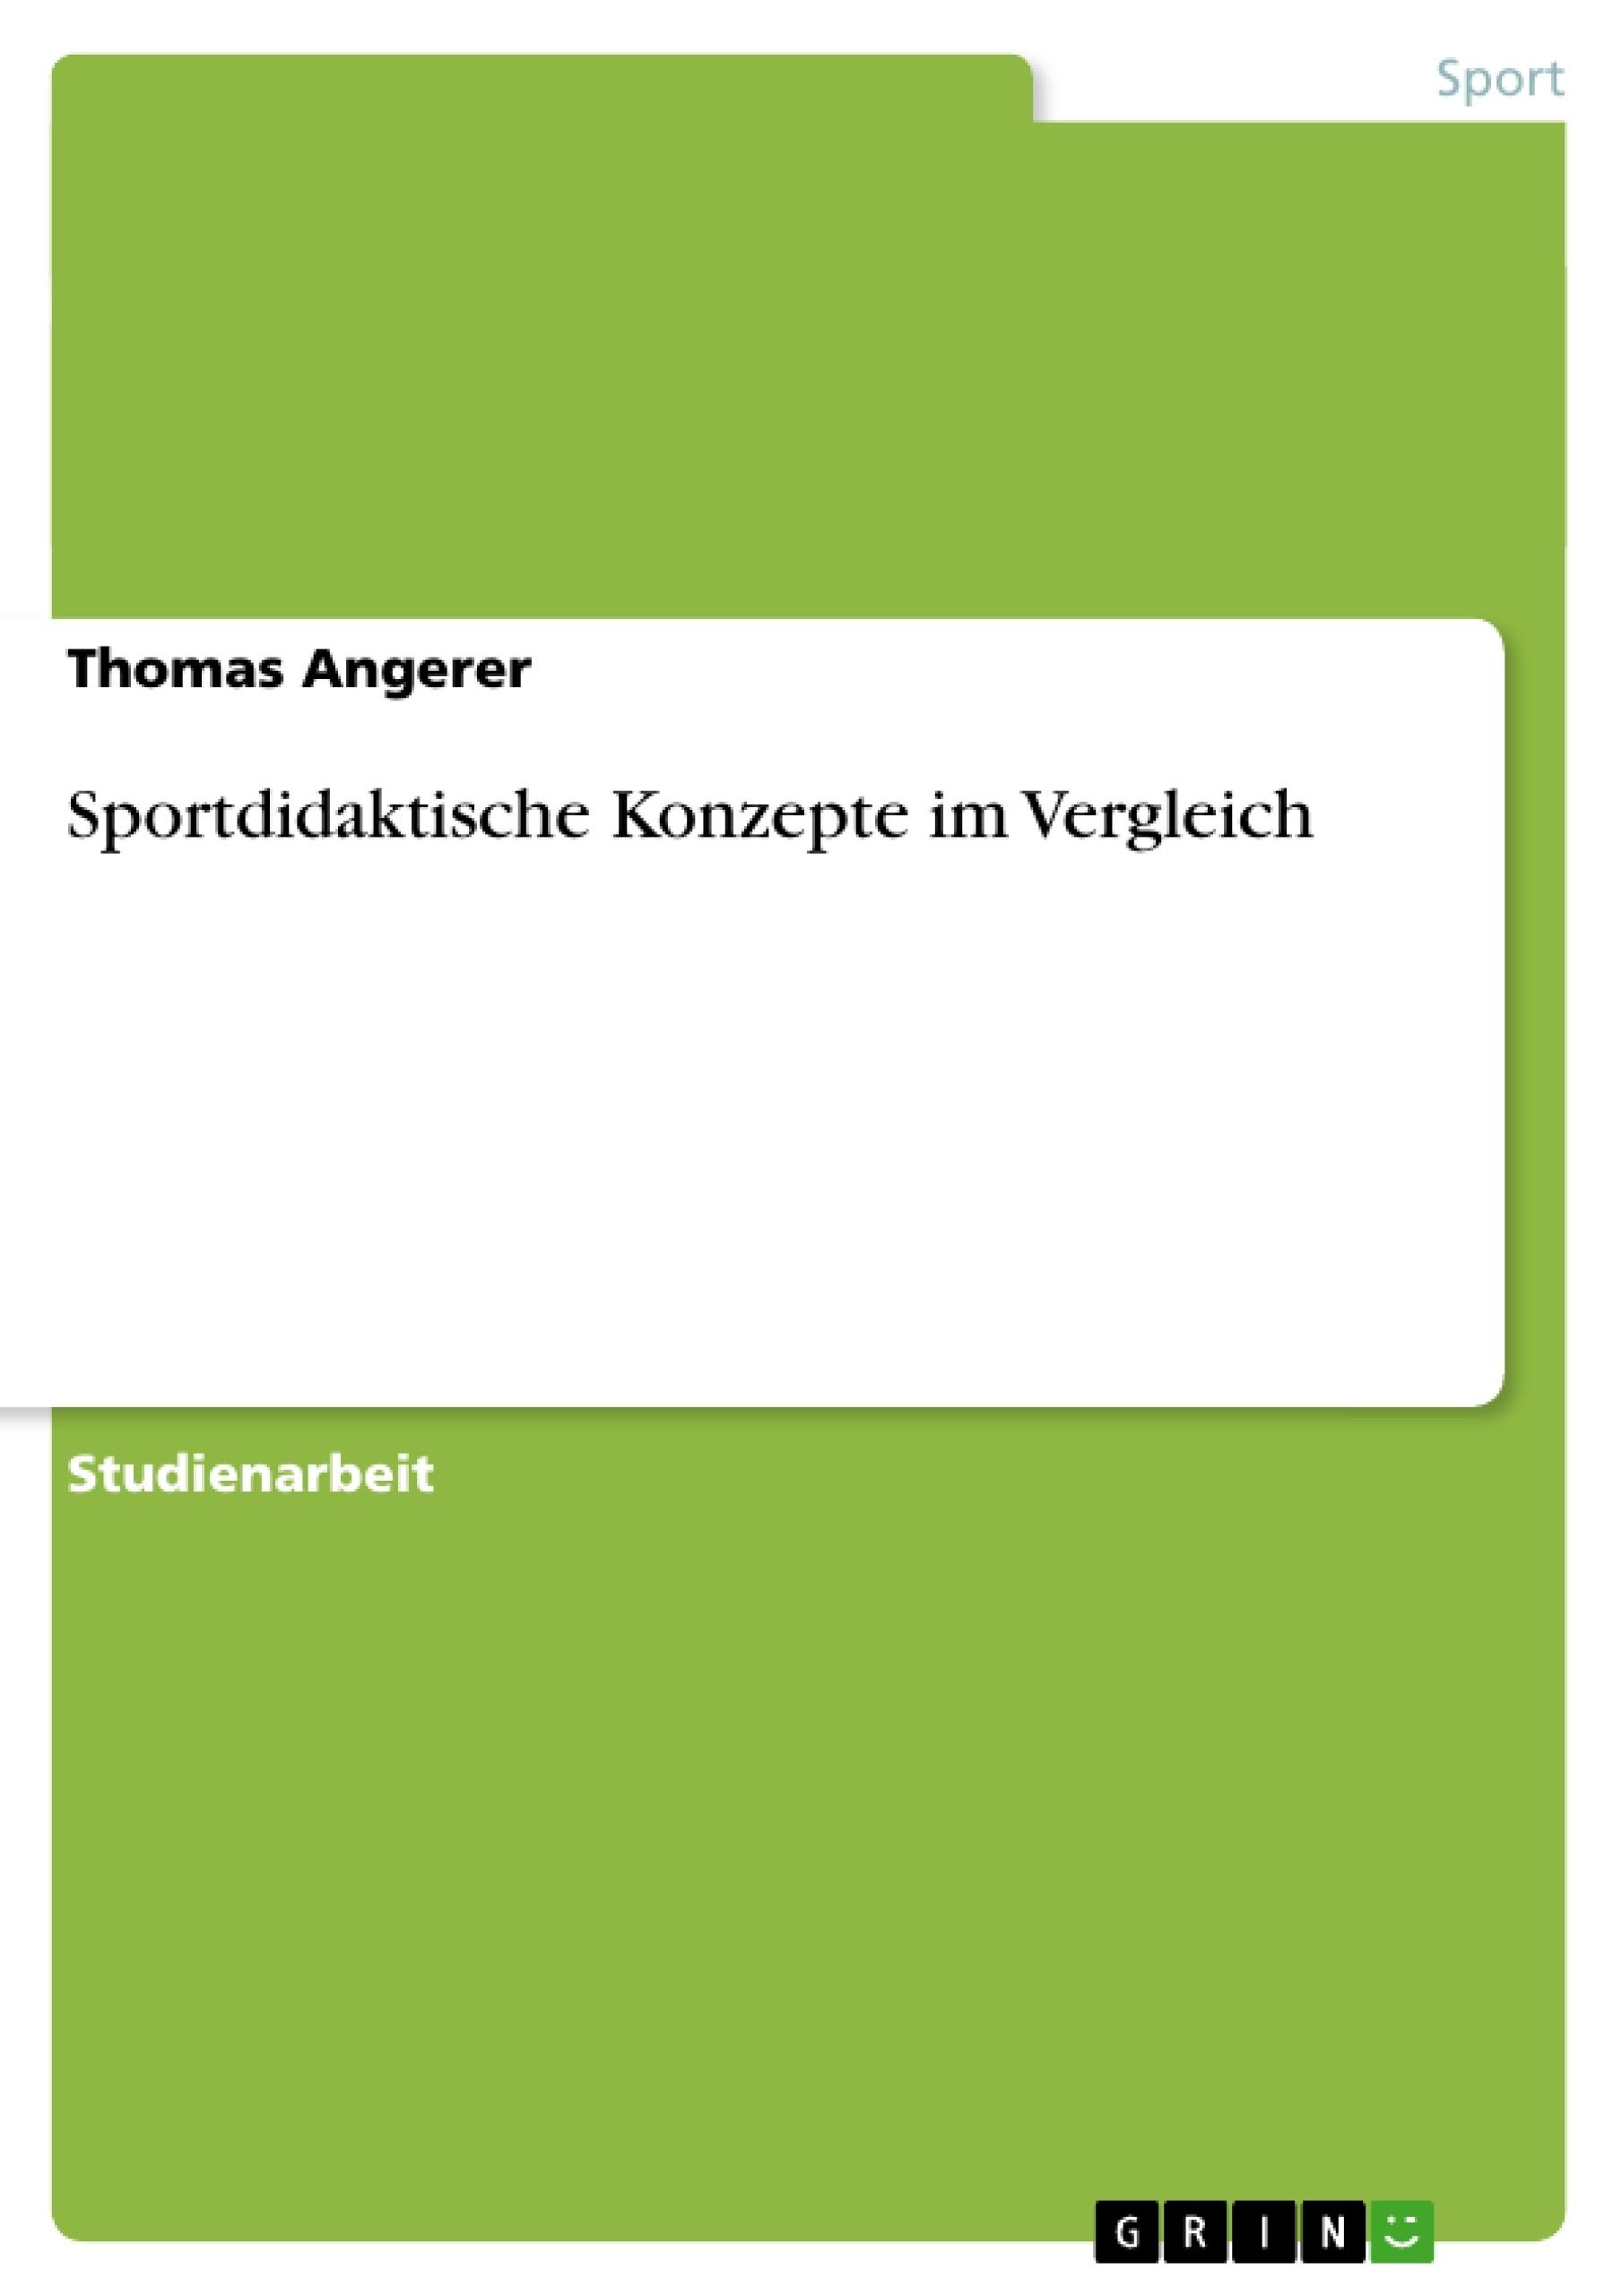 Titel: Sportdidaktische Konzepte im Vergleich